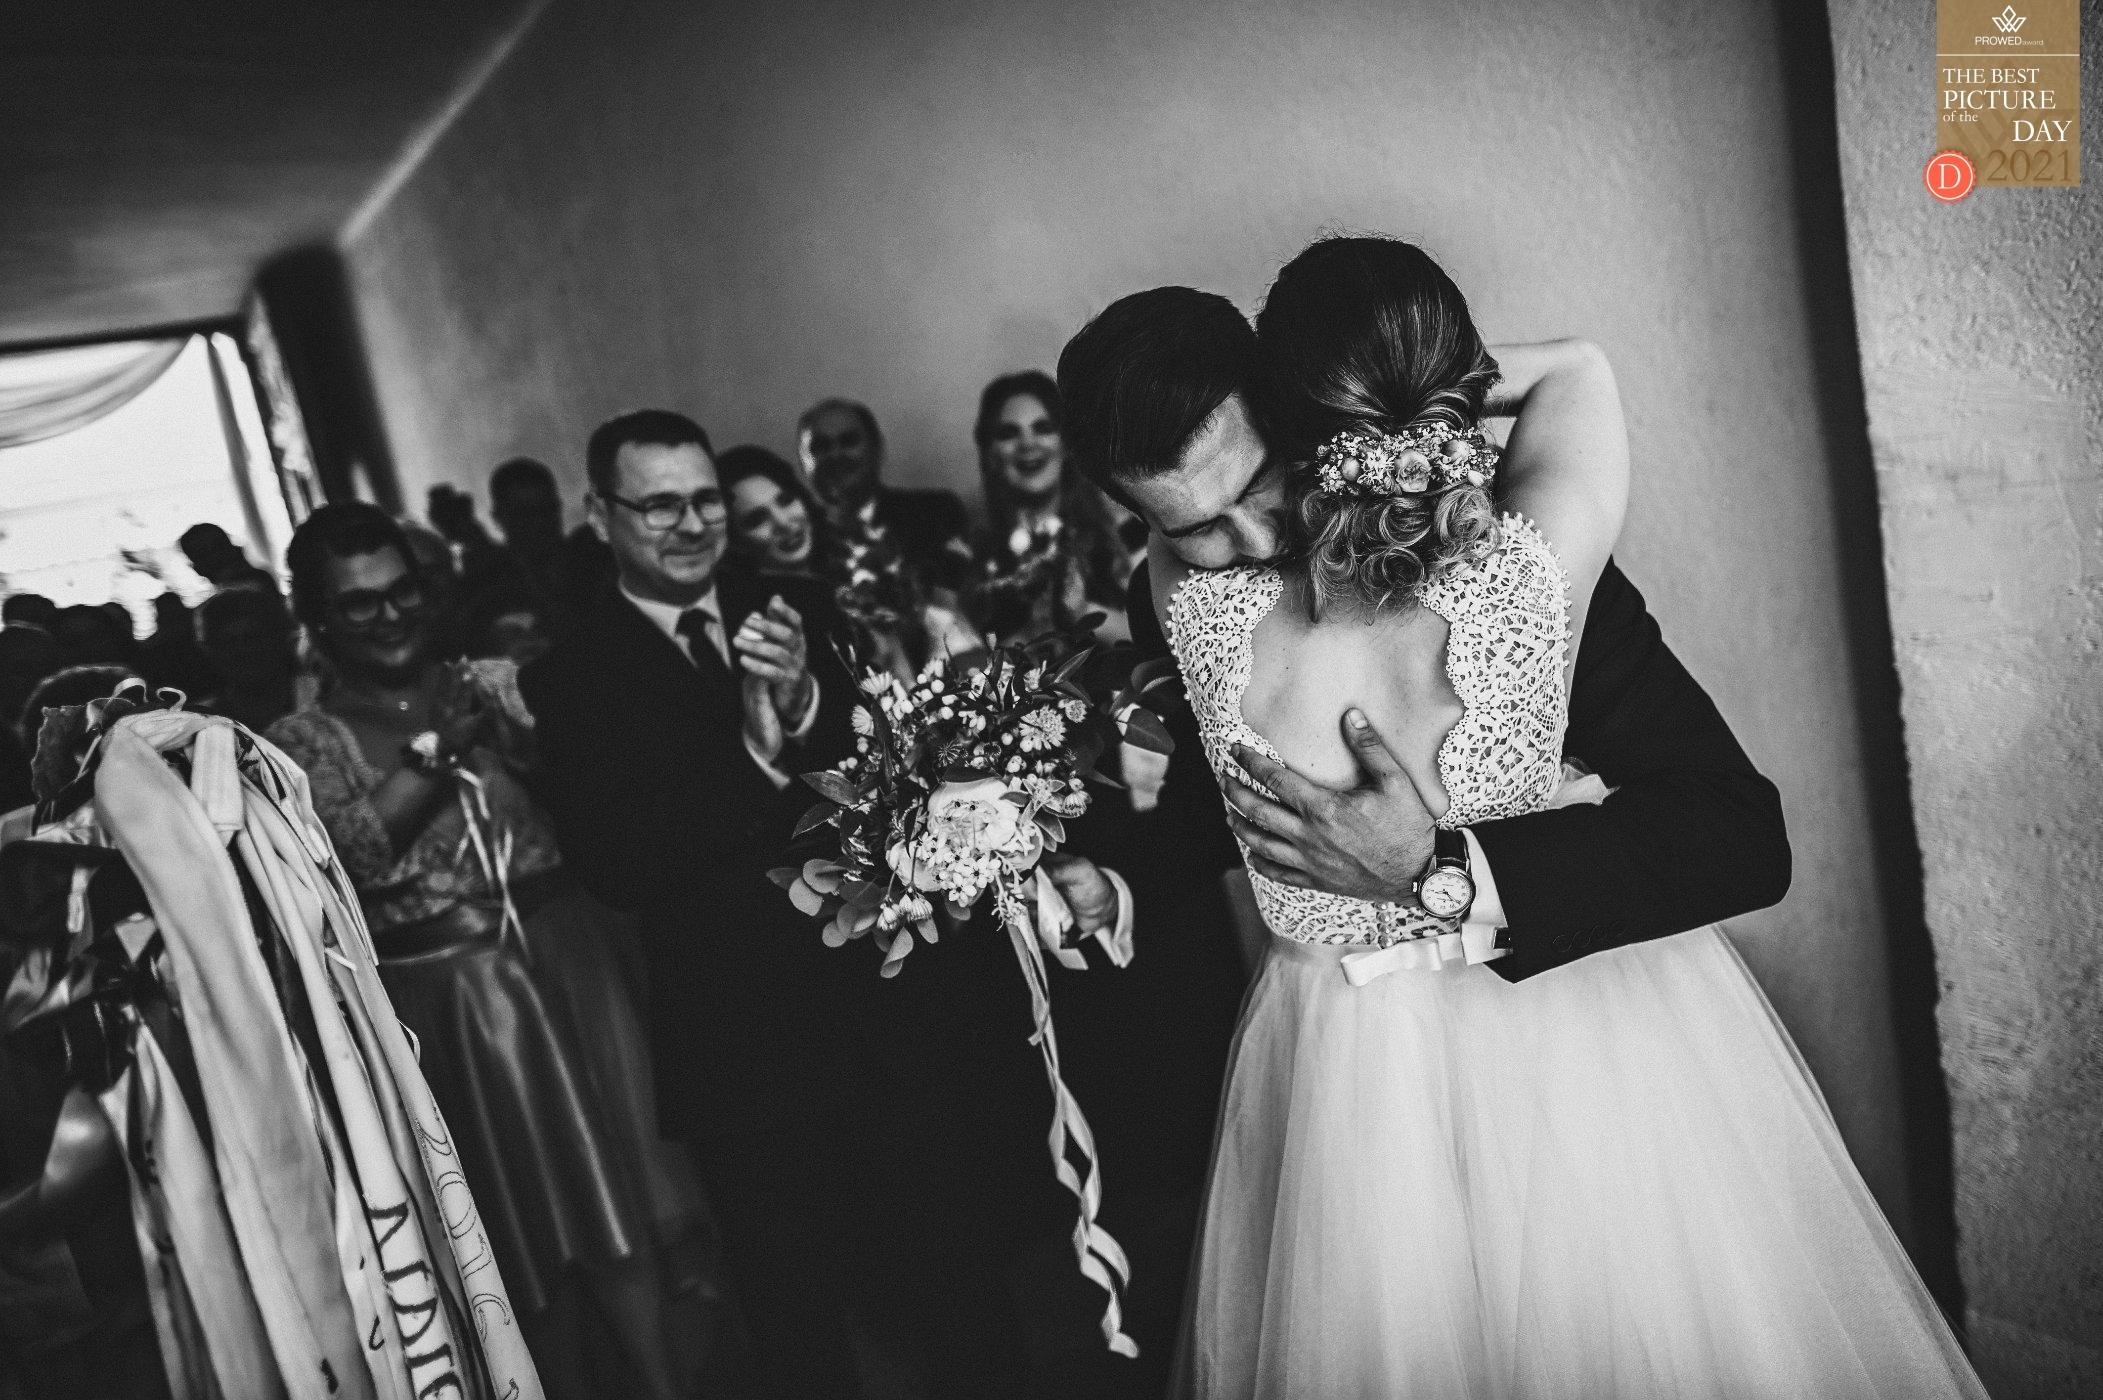 fotó, fotózás, fénykép, fényképezés, esküvői fotózás, esküvői fotós, esküvői fotós Szeged, esküvői fotózás Szeged, jegyes fotó, jegyes fotózás, fotográfus, portré fotózás, szilveszterphoto. Szilveszter Photo, Szabados Szilveszter fotográfus